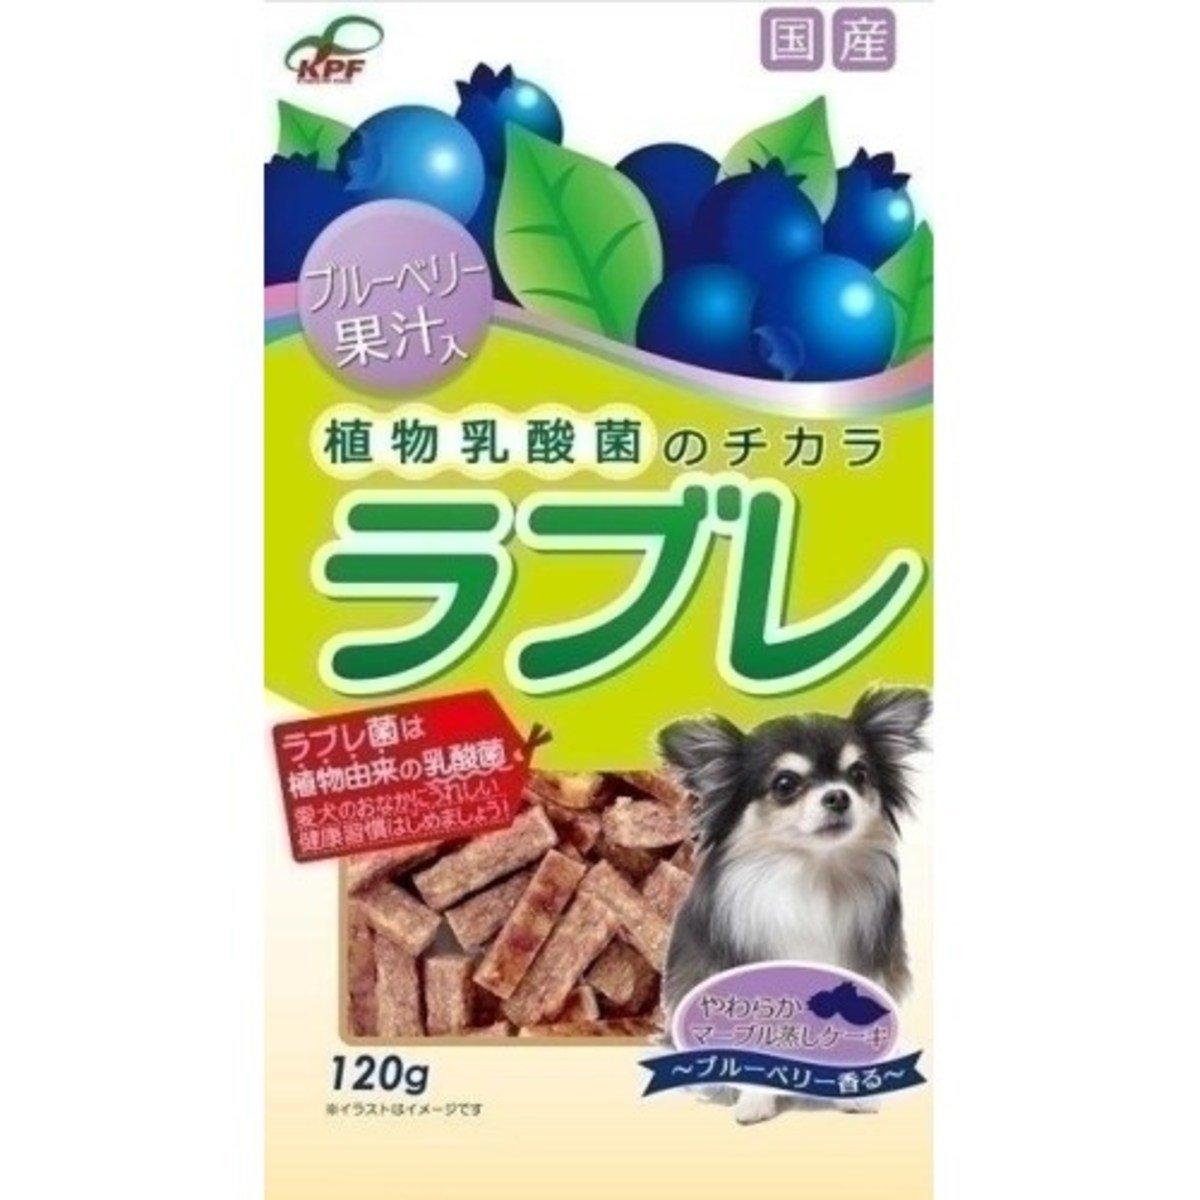 日本 KPF 藍莓雞肉乳酸菌短條